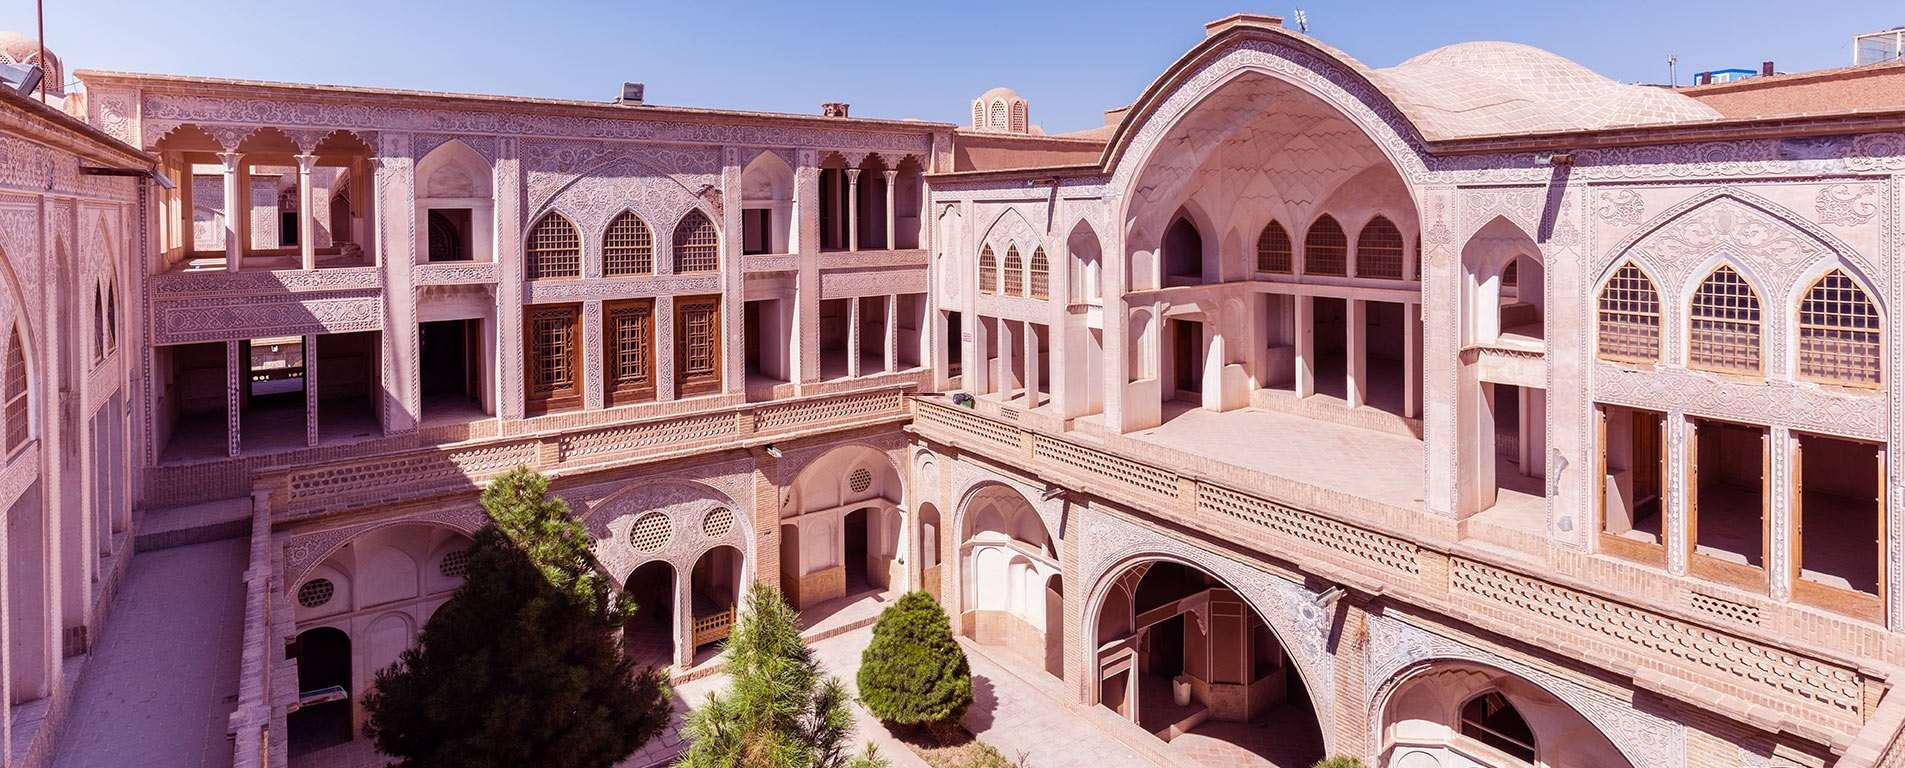 خانه عباسیان ، لذت تماشای هنر در هندسهی یک بنا